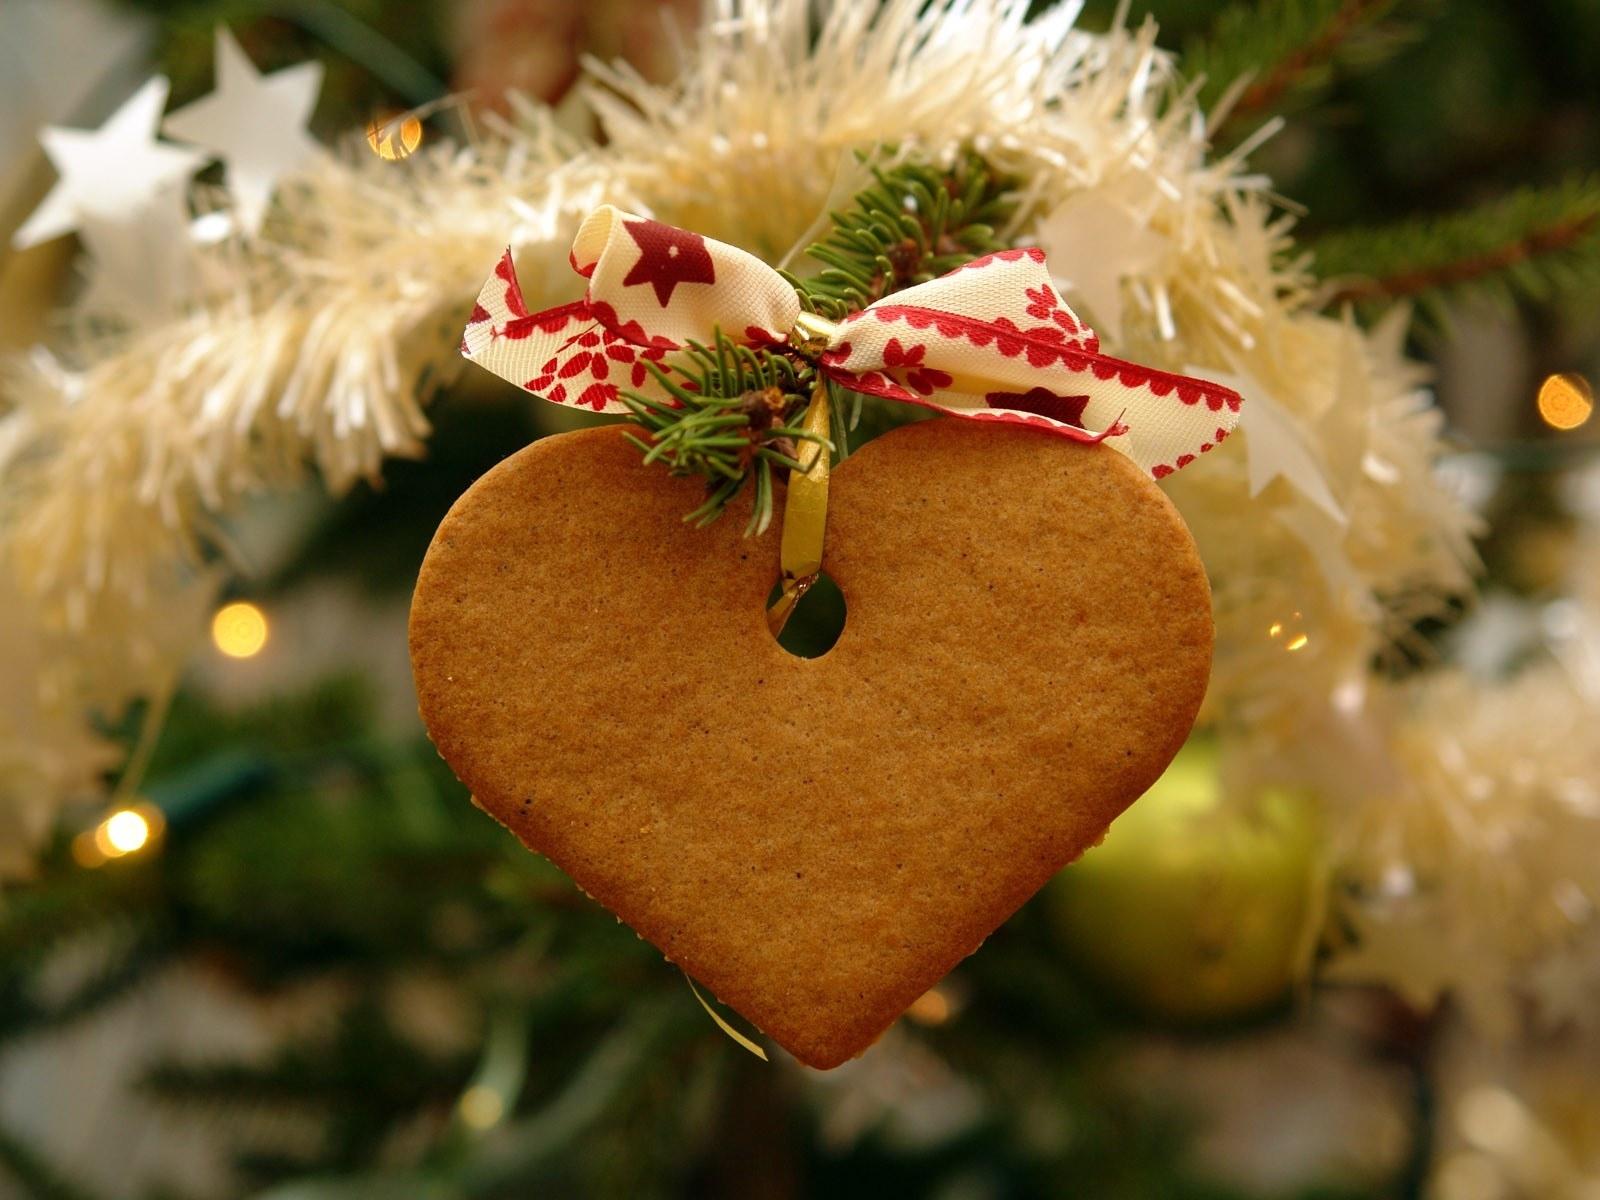 3642 скачать обои Праздники, Сердца, Новый Год (New Year), Рождество (Christmas, Xmas), Любовь, День Святого Валентина (Valentine's Day) - заставки и картинки бесплатно